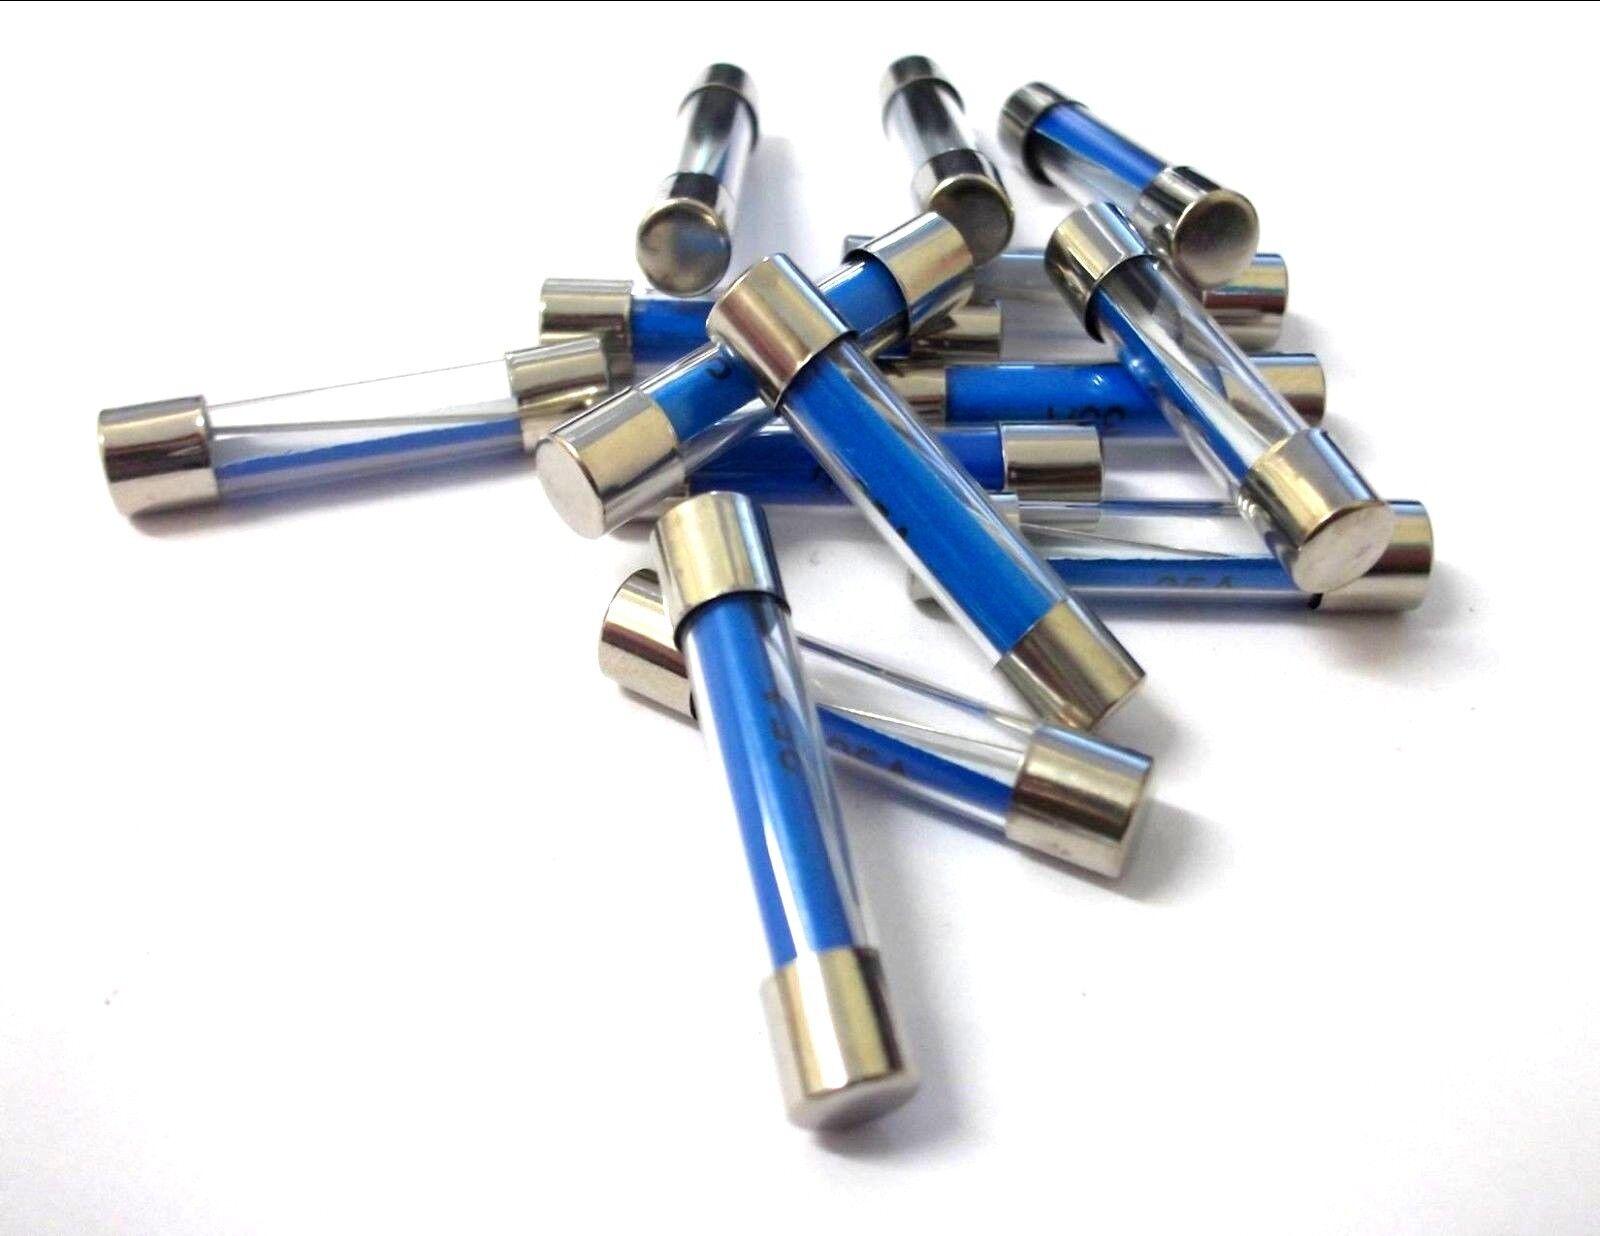 CLASSIC CAR glass fuse 32mm x 6.3mm 20 amp x 5 for LUCAS 4FJ 6FJ 7FJ fuse box